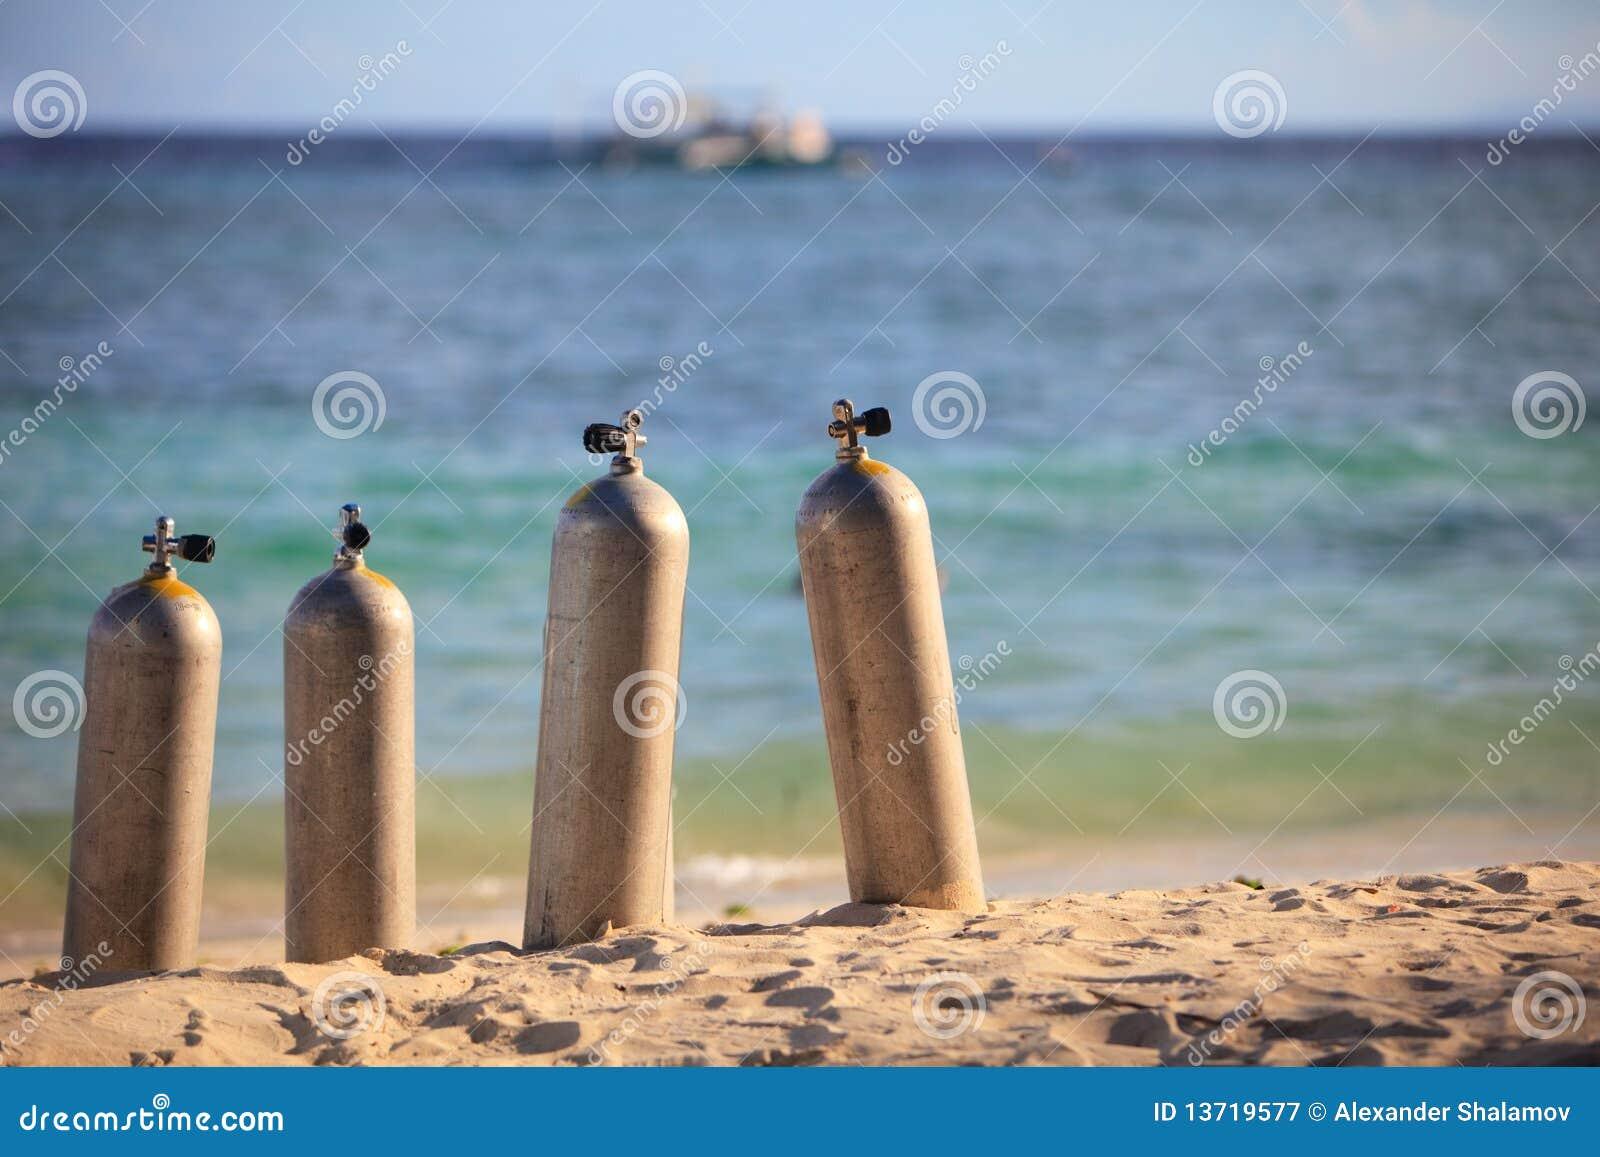 De tanks van de scuba-uitrusting